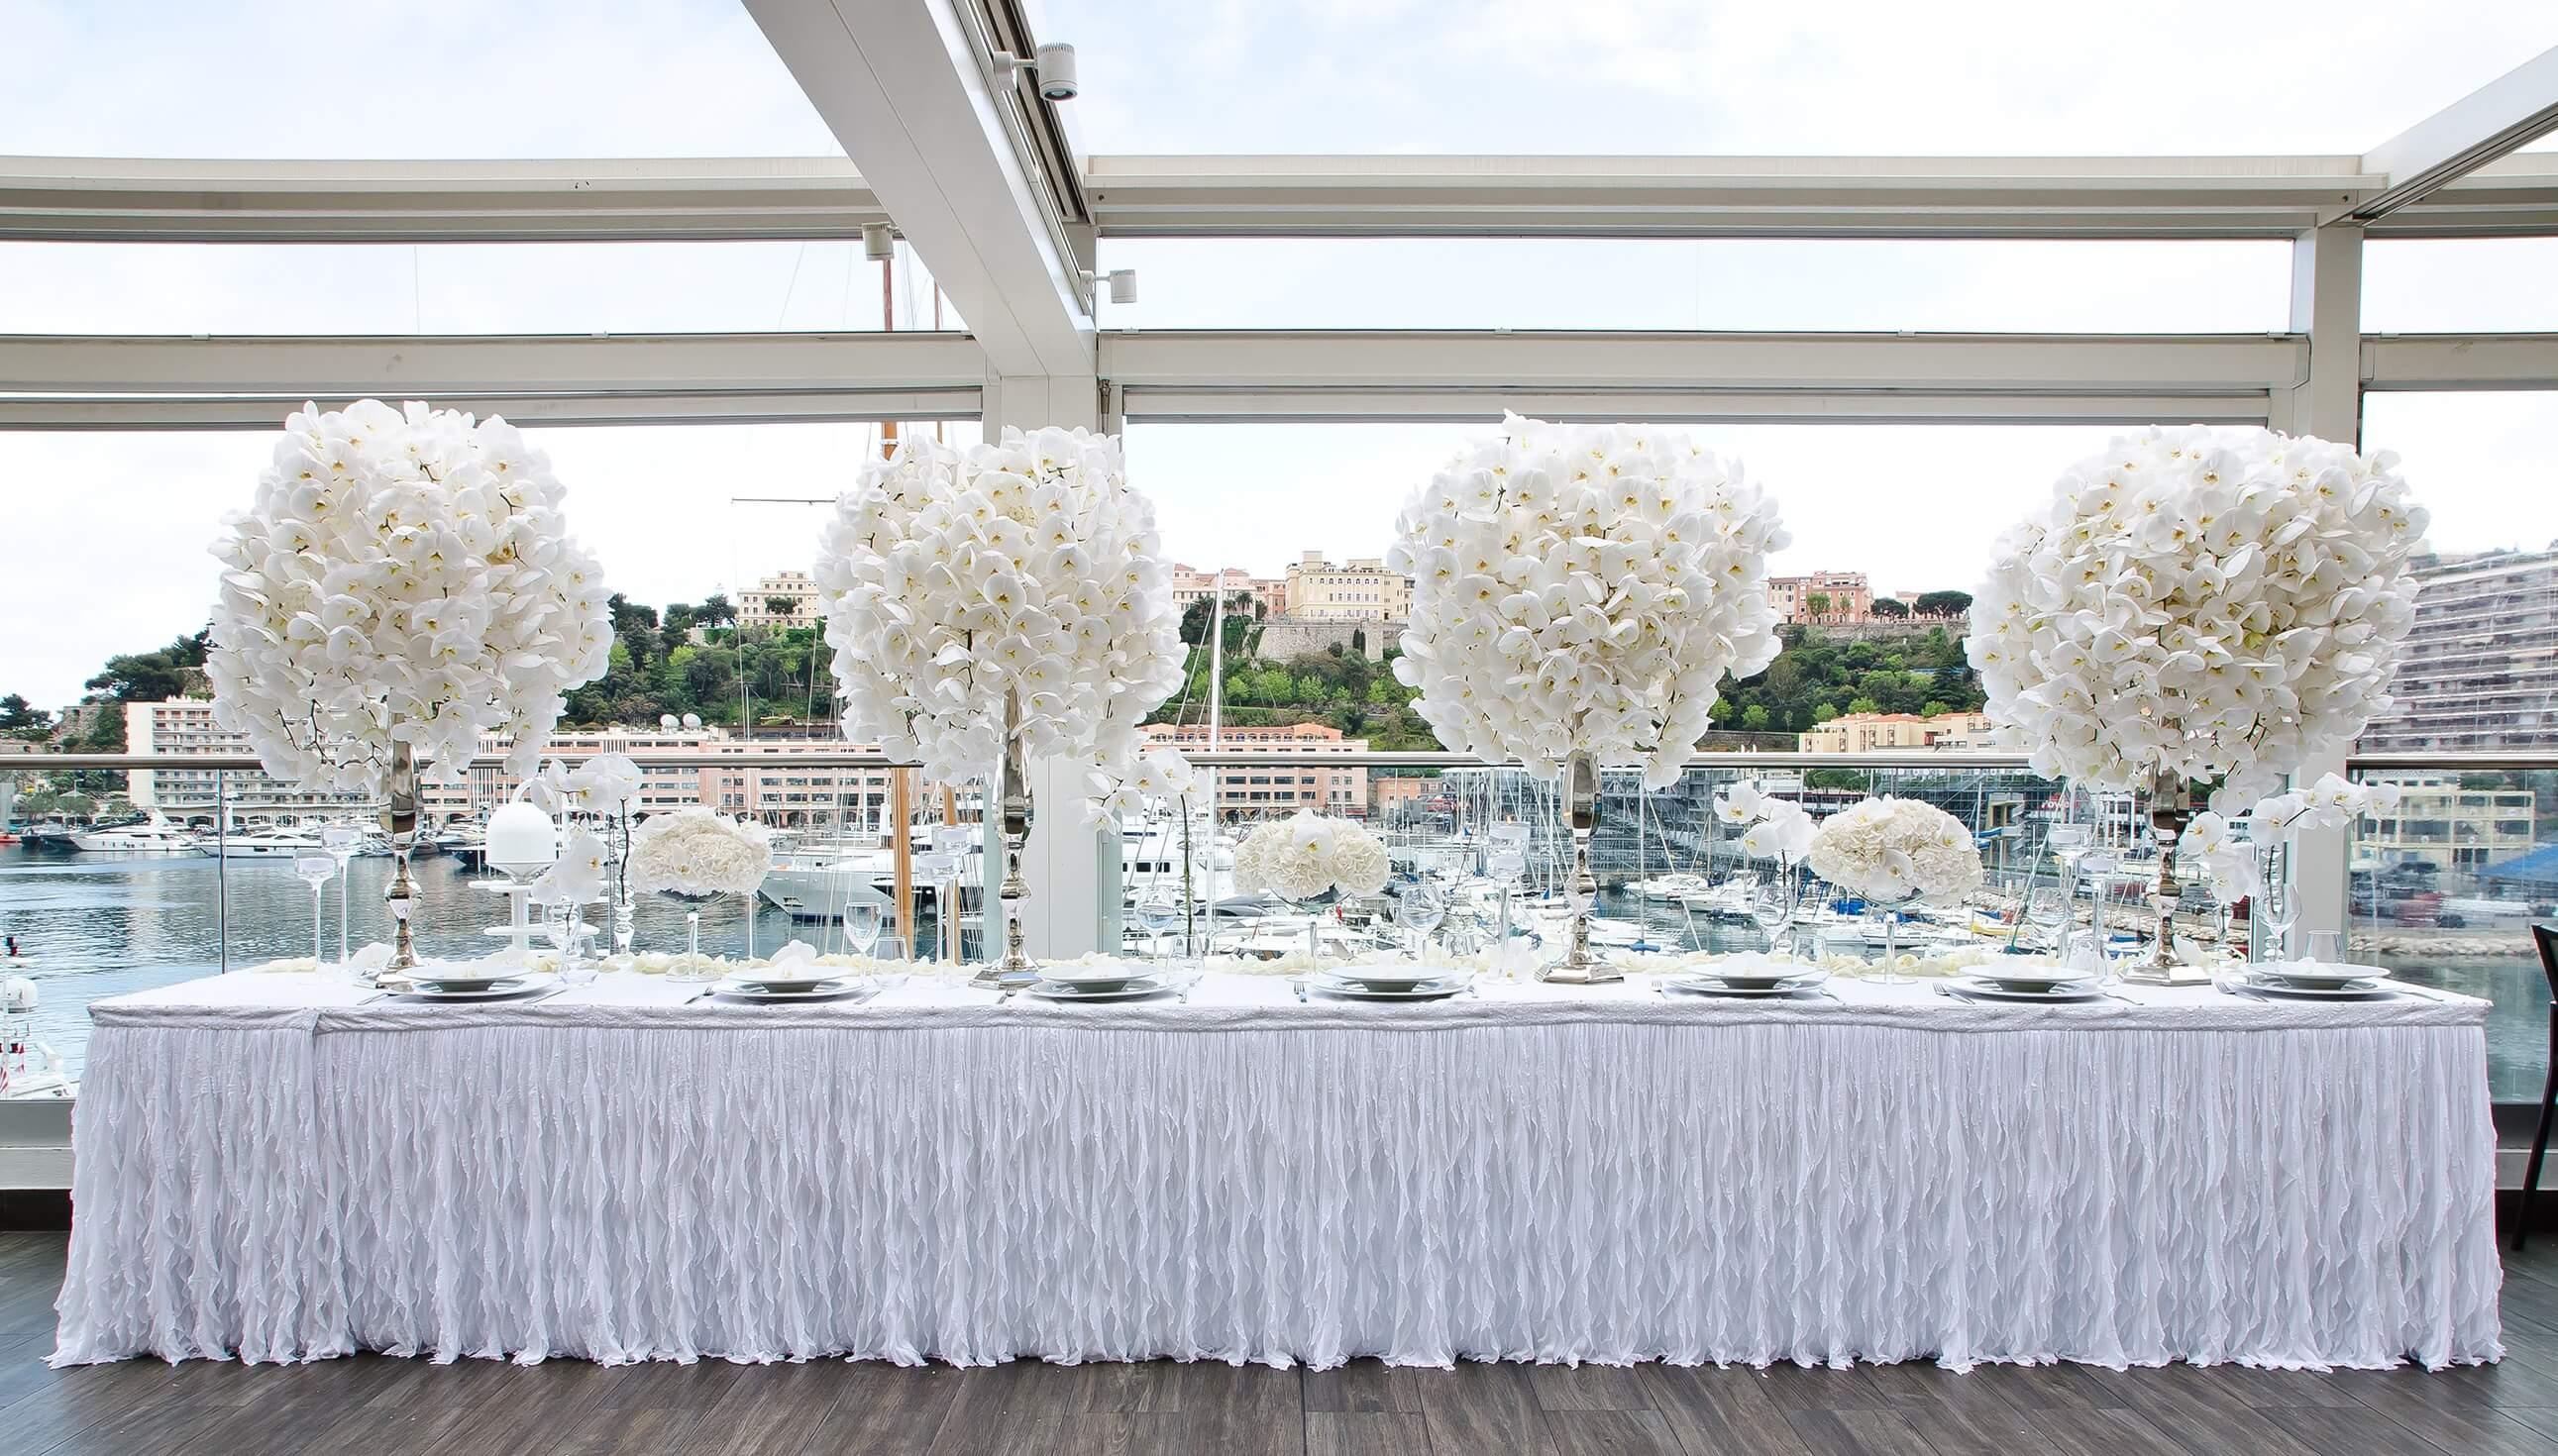 Décoration de Mariage / Monaco Wedding Decoration / Monaco